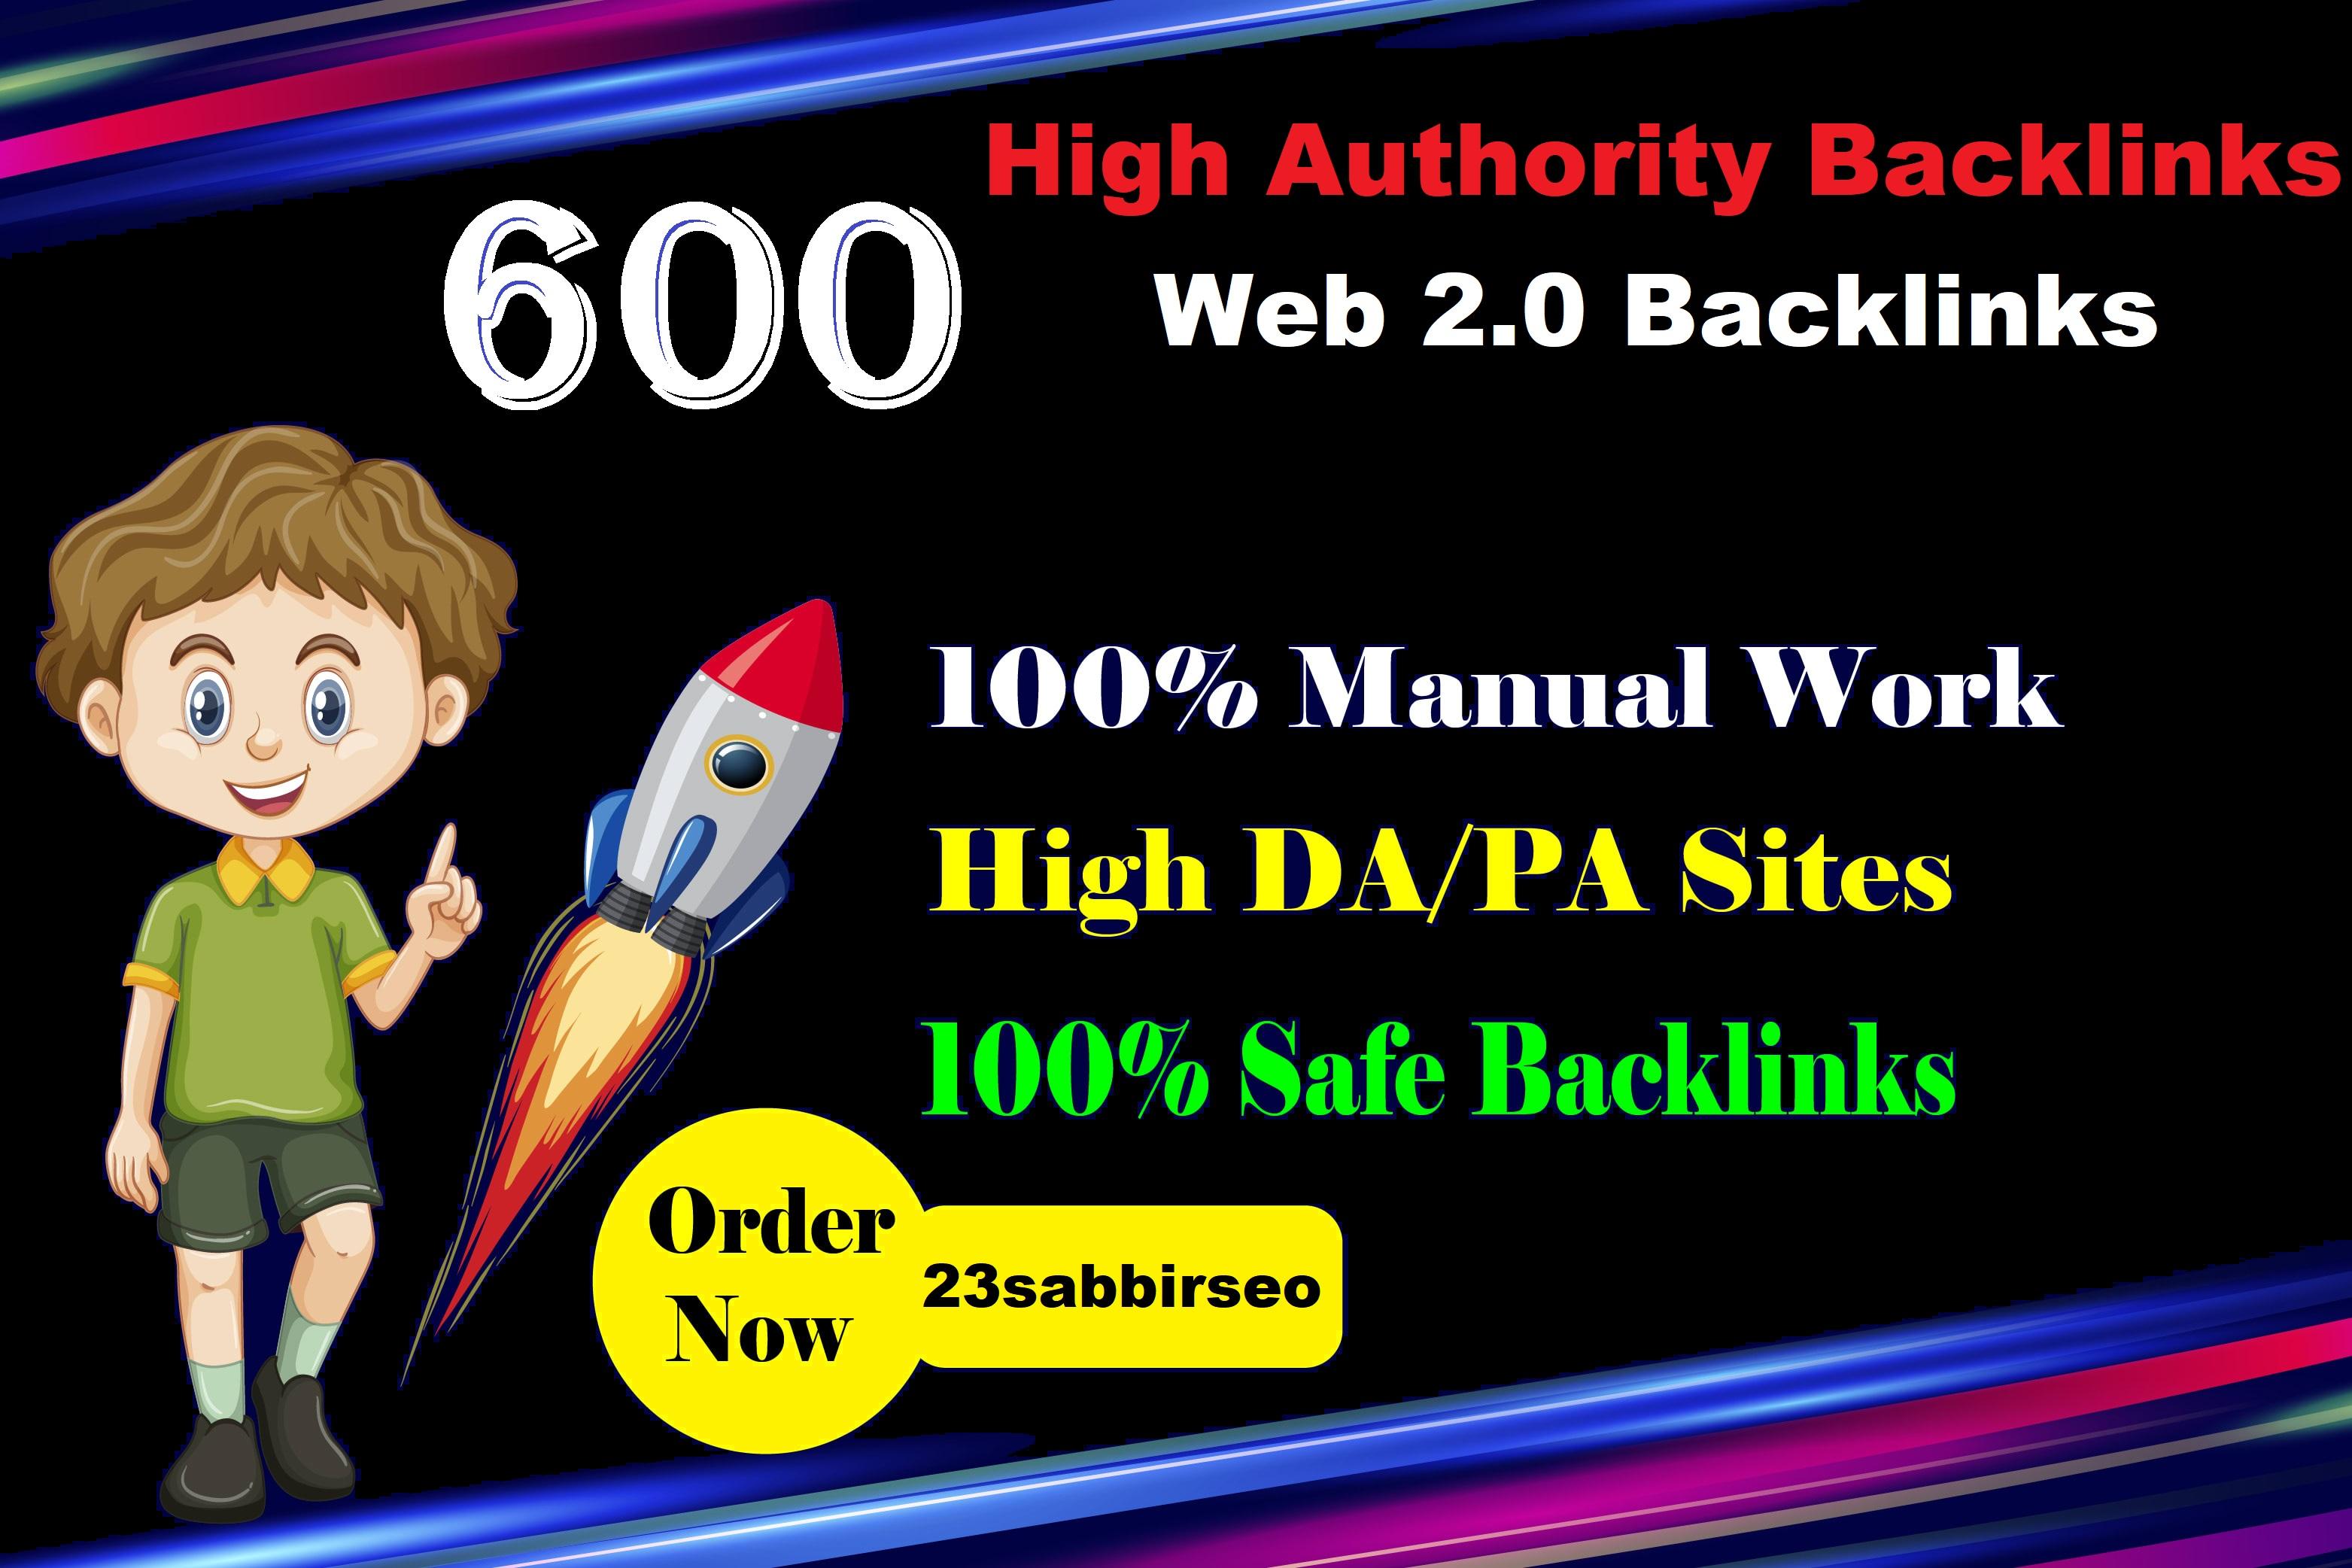 build 600 high authority backlinks on DA web 2.0 sites